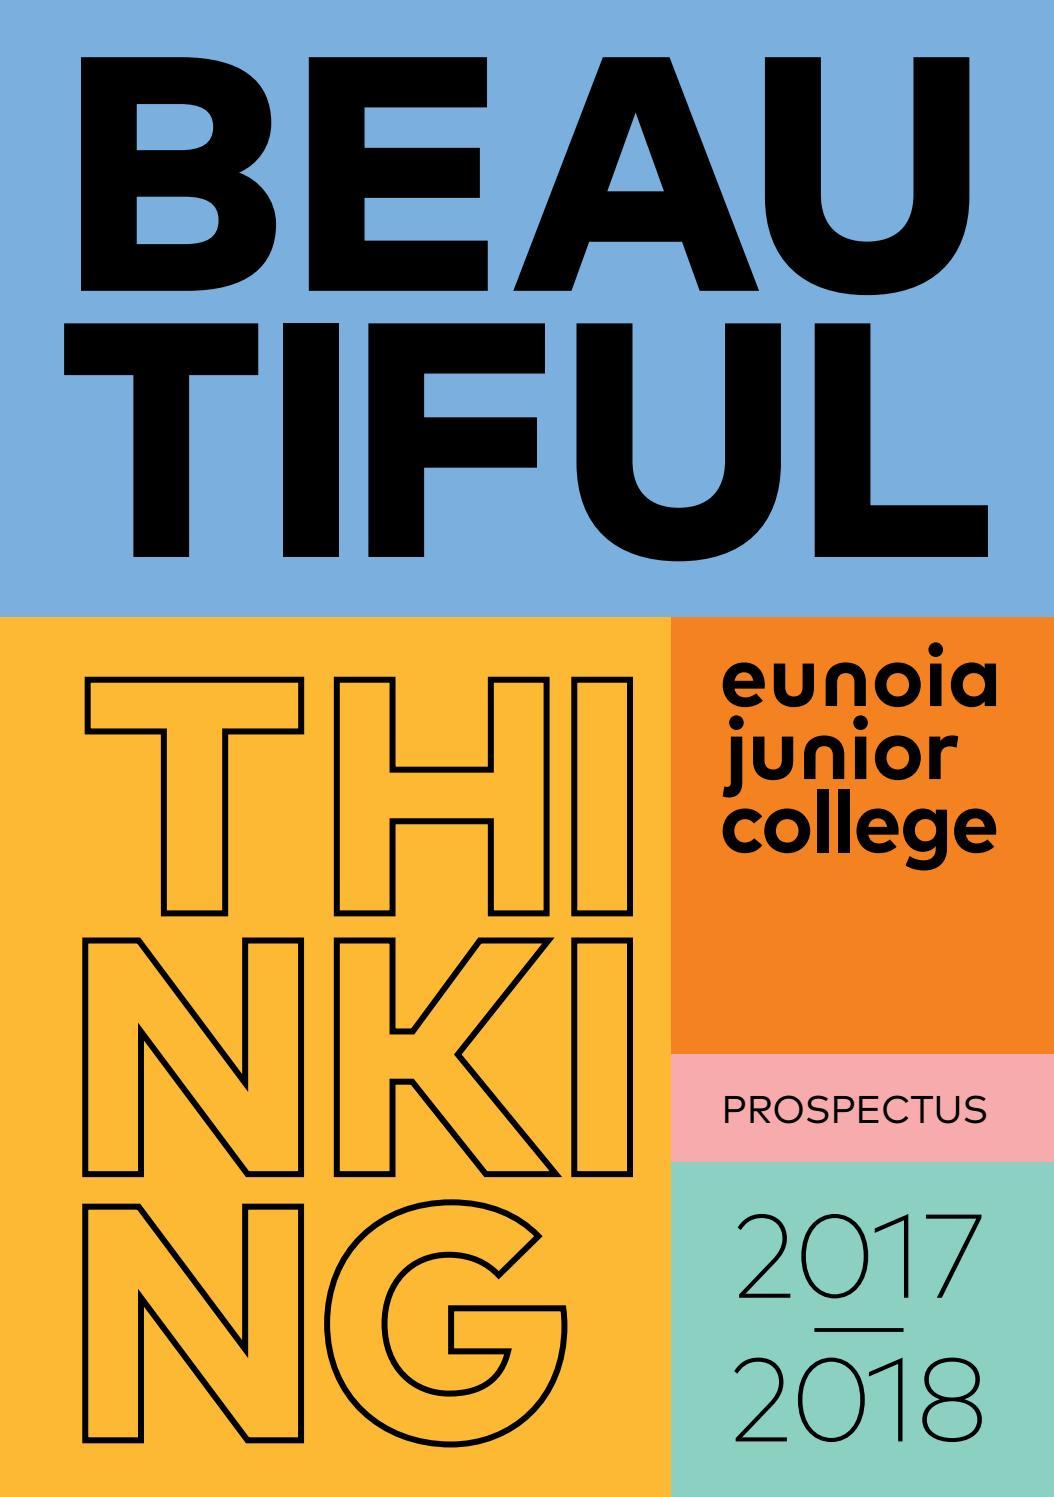 Eunoia Junior College Prospectus 2017-18 by Eunoia Junior